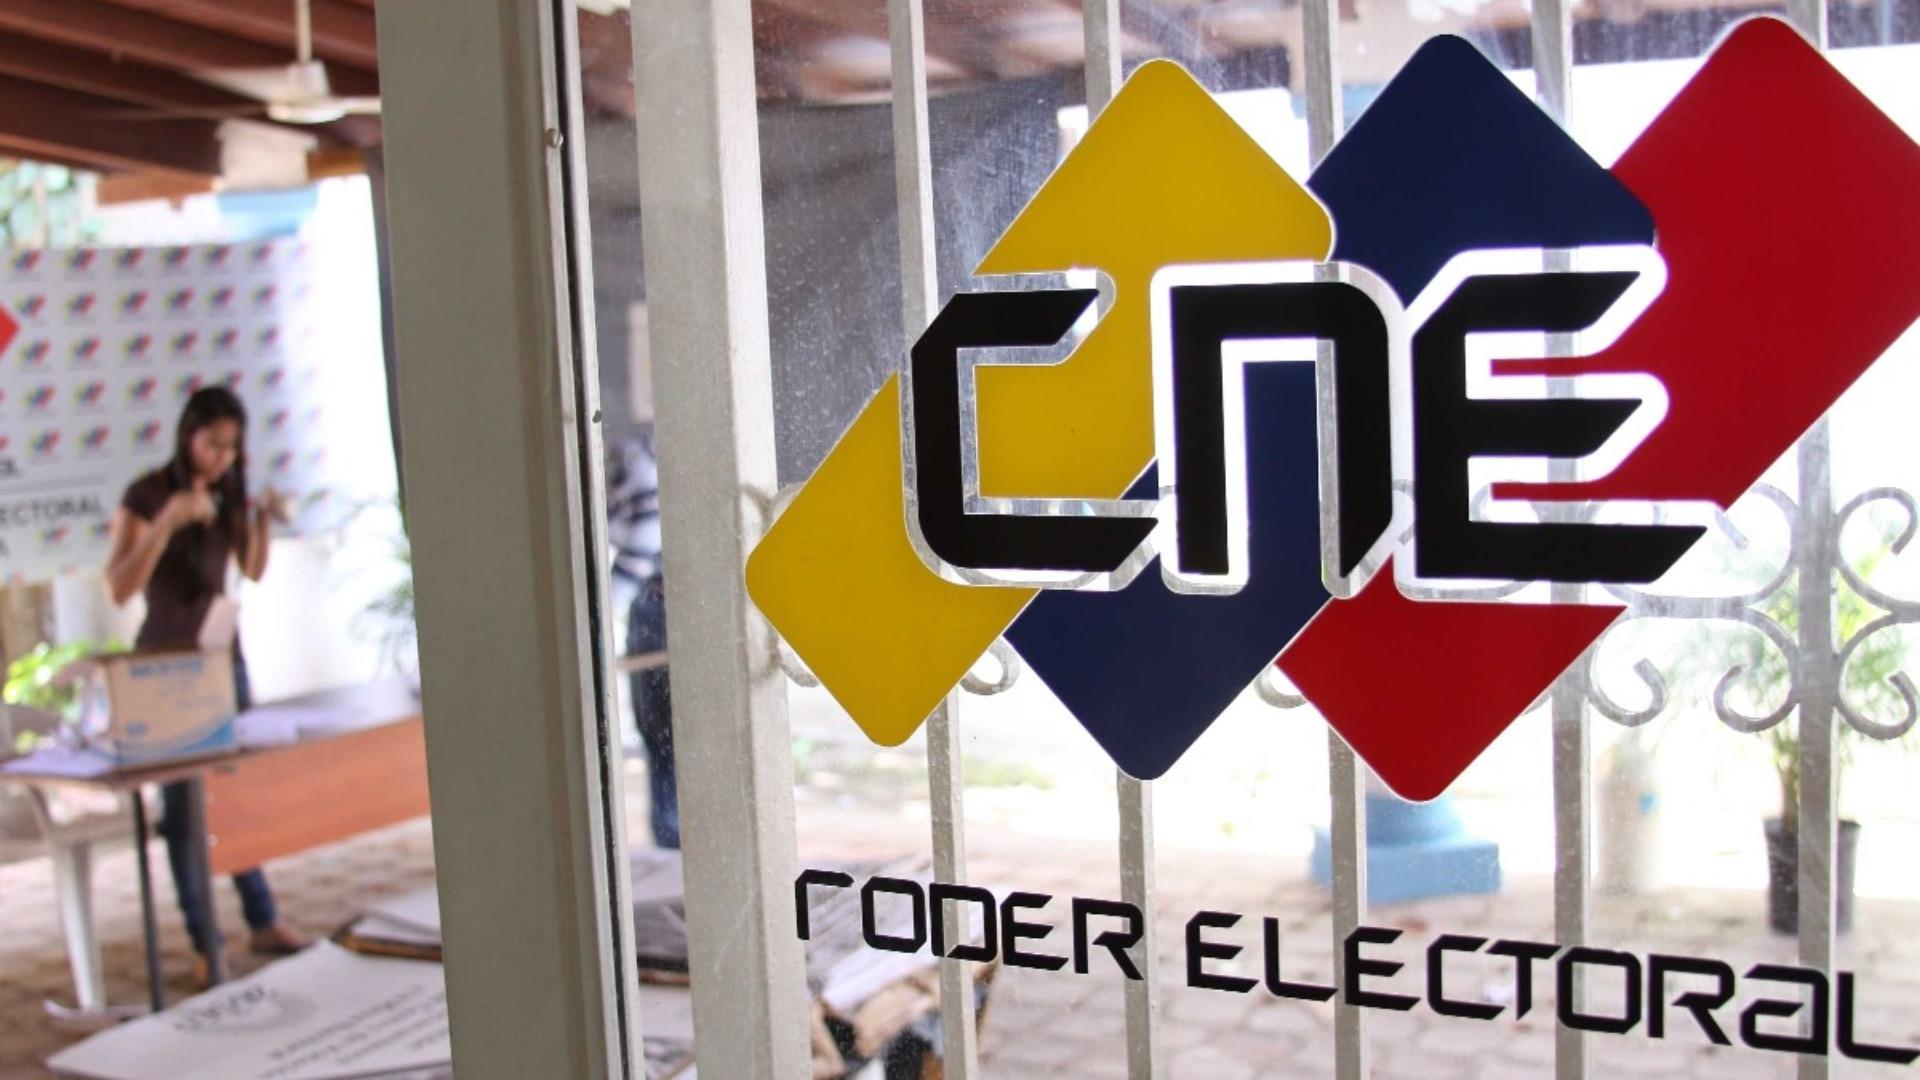 CNE: omisión versus consenso, por Luis Fuenmayor Toro